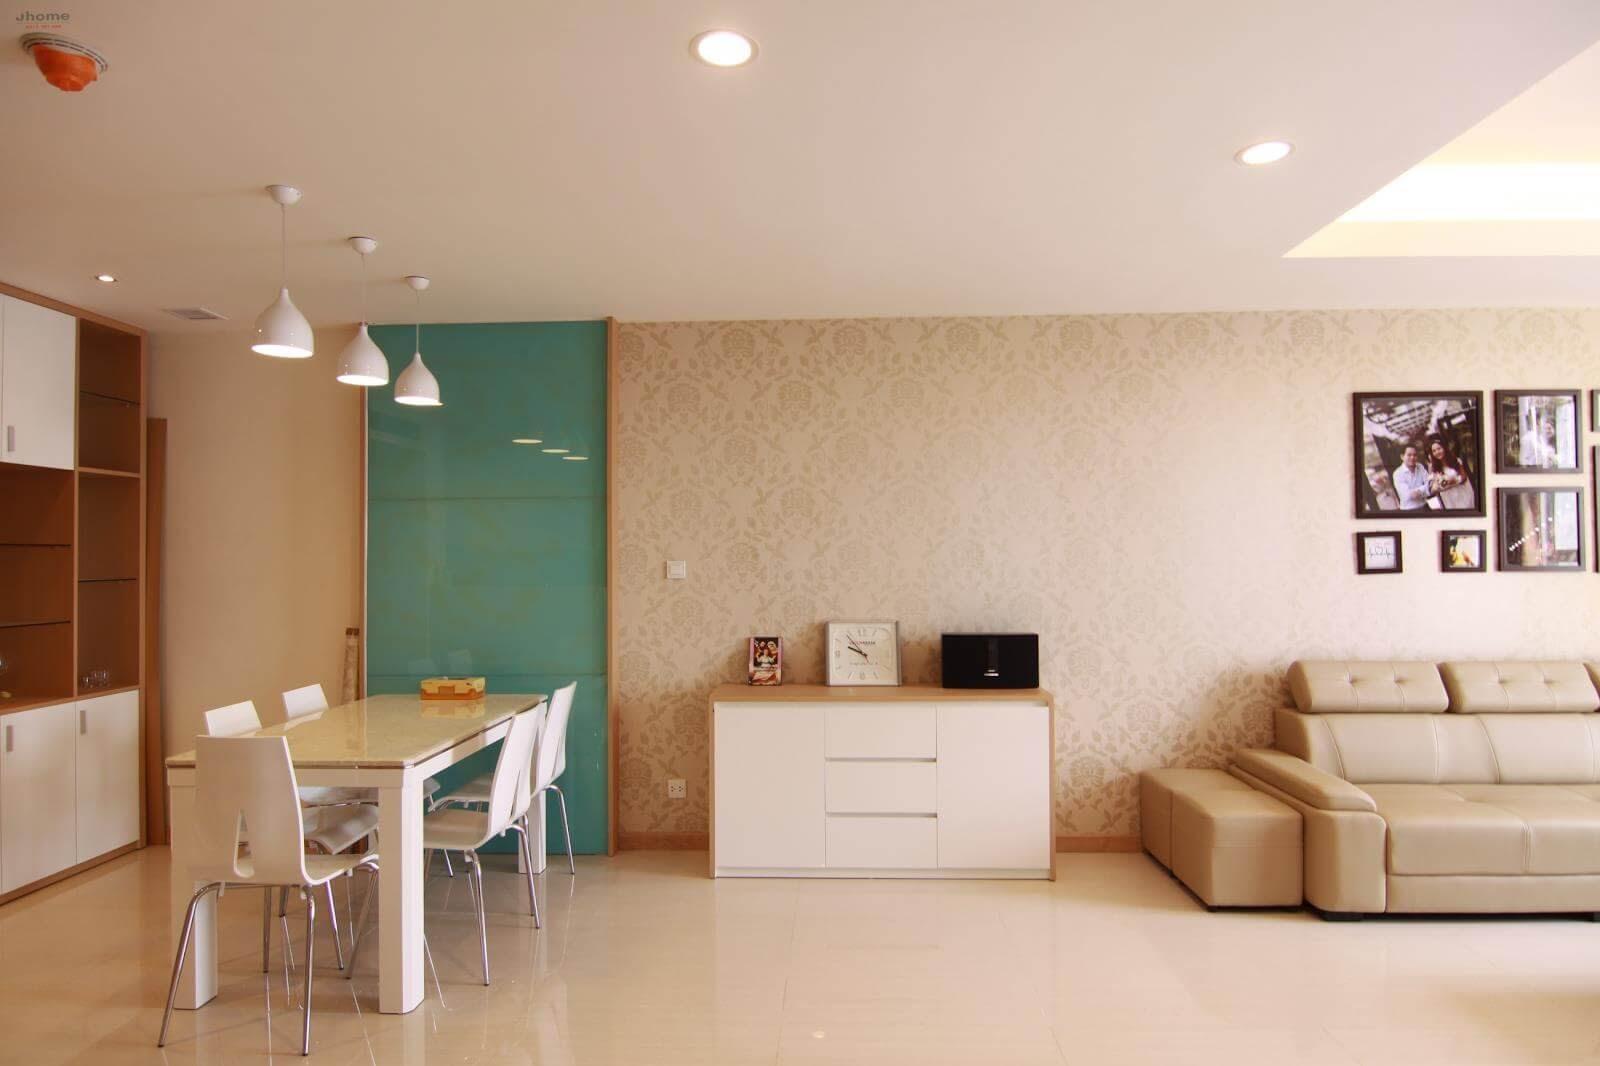 Thiết kế không gian nhà ở đẹp với gam màu be chủ đạo